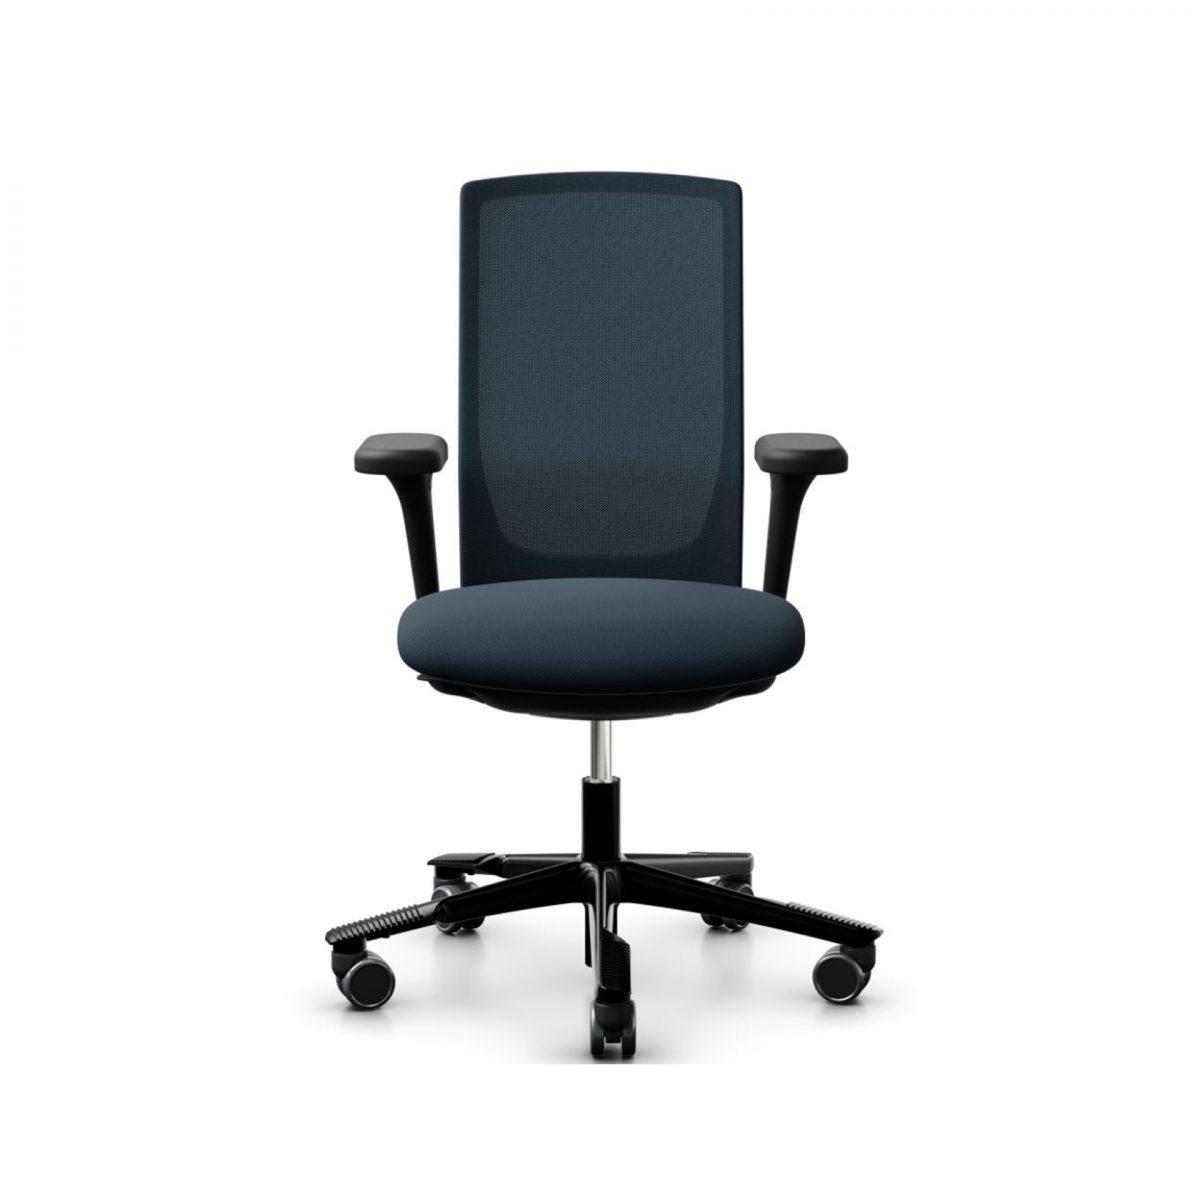 HAG Futu bureaustoel ergonomisch blauw